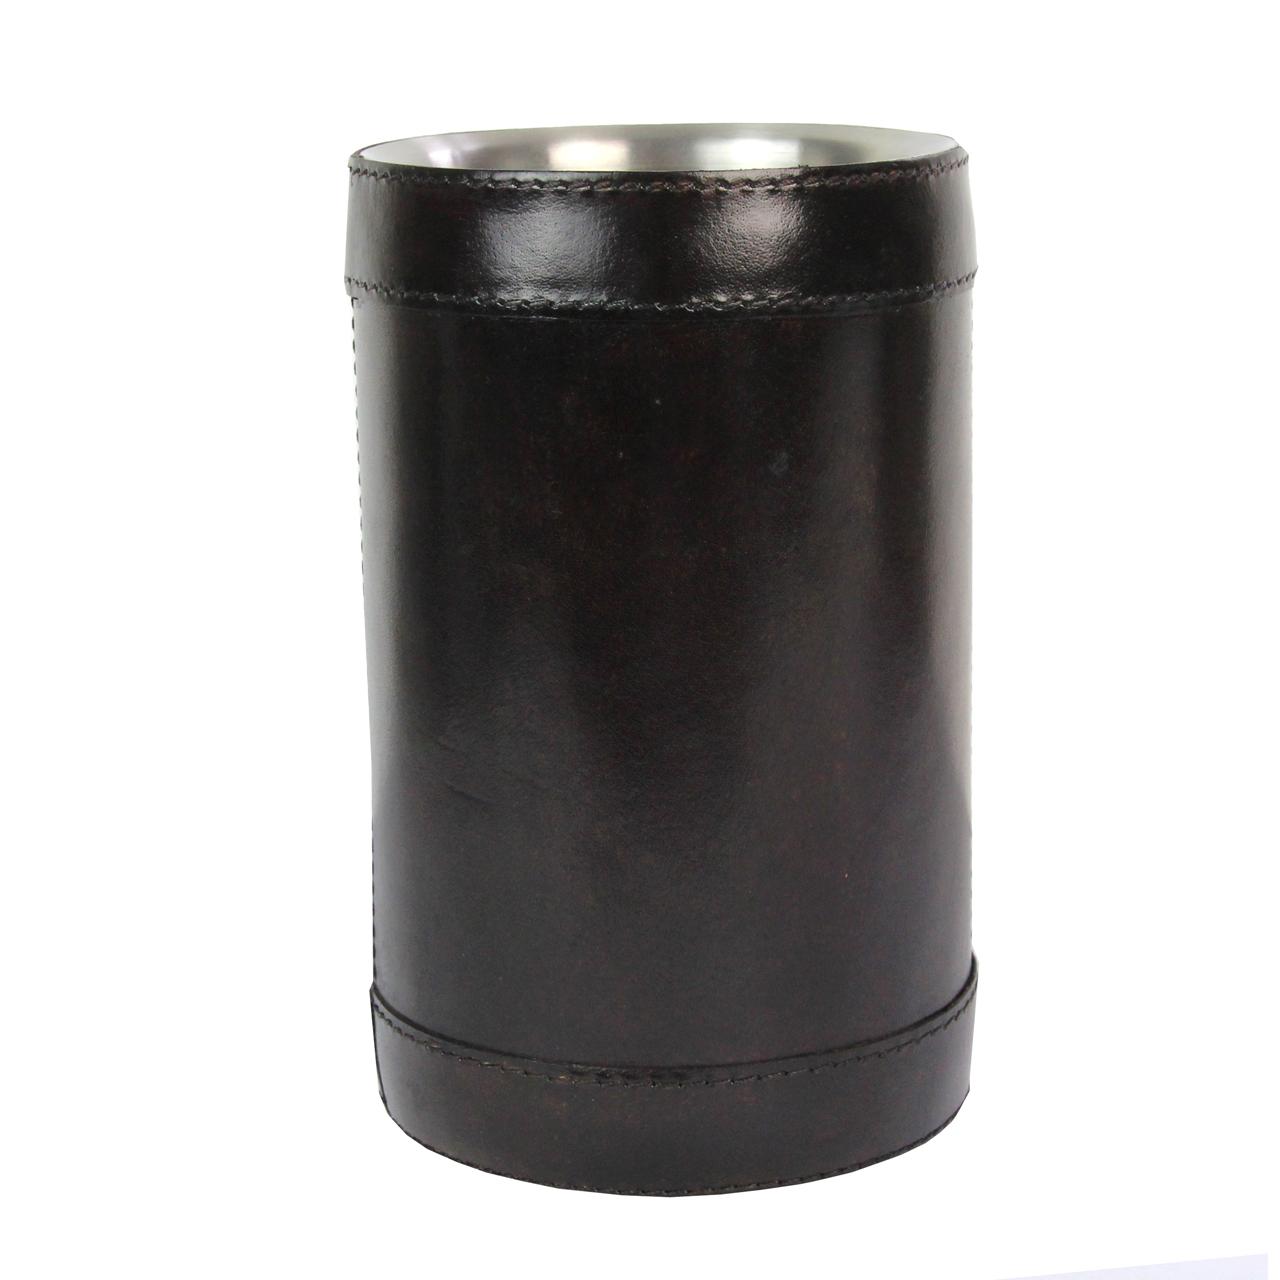 Frapiera Din Metal Argintiu Si Piele Maro 20.5 Cm